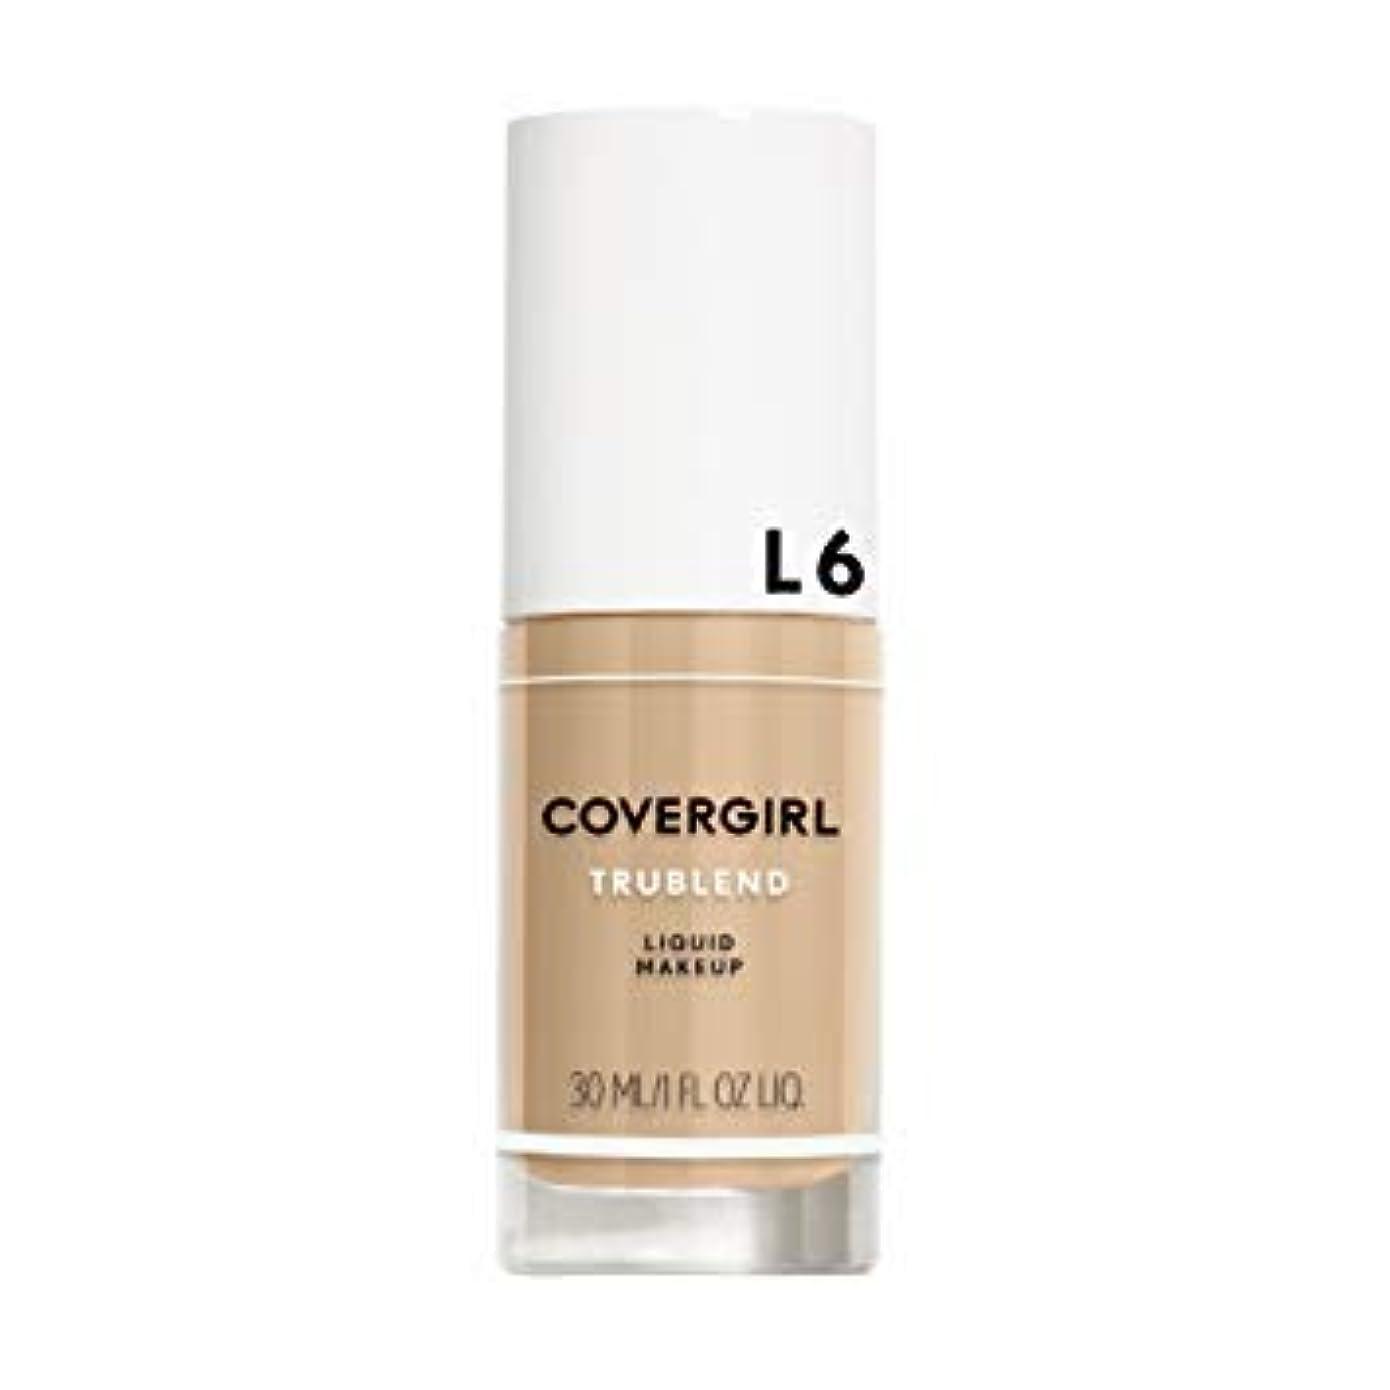 引き出し影響力のある悪の(3 Pack) COVERGIRL TruBlend Liquid Makeup - Buff Beige L6 (並行輸入品)